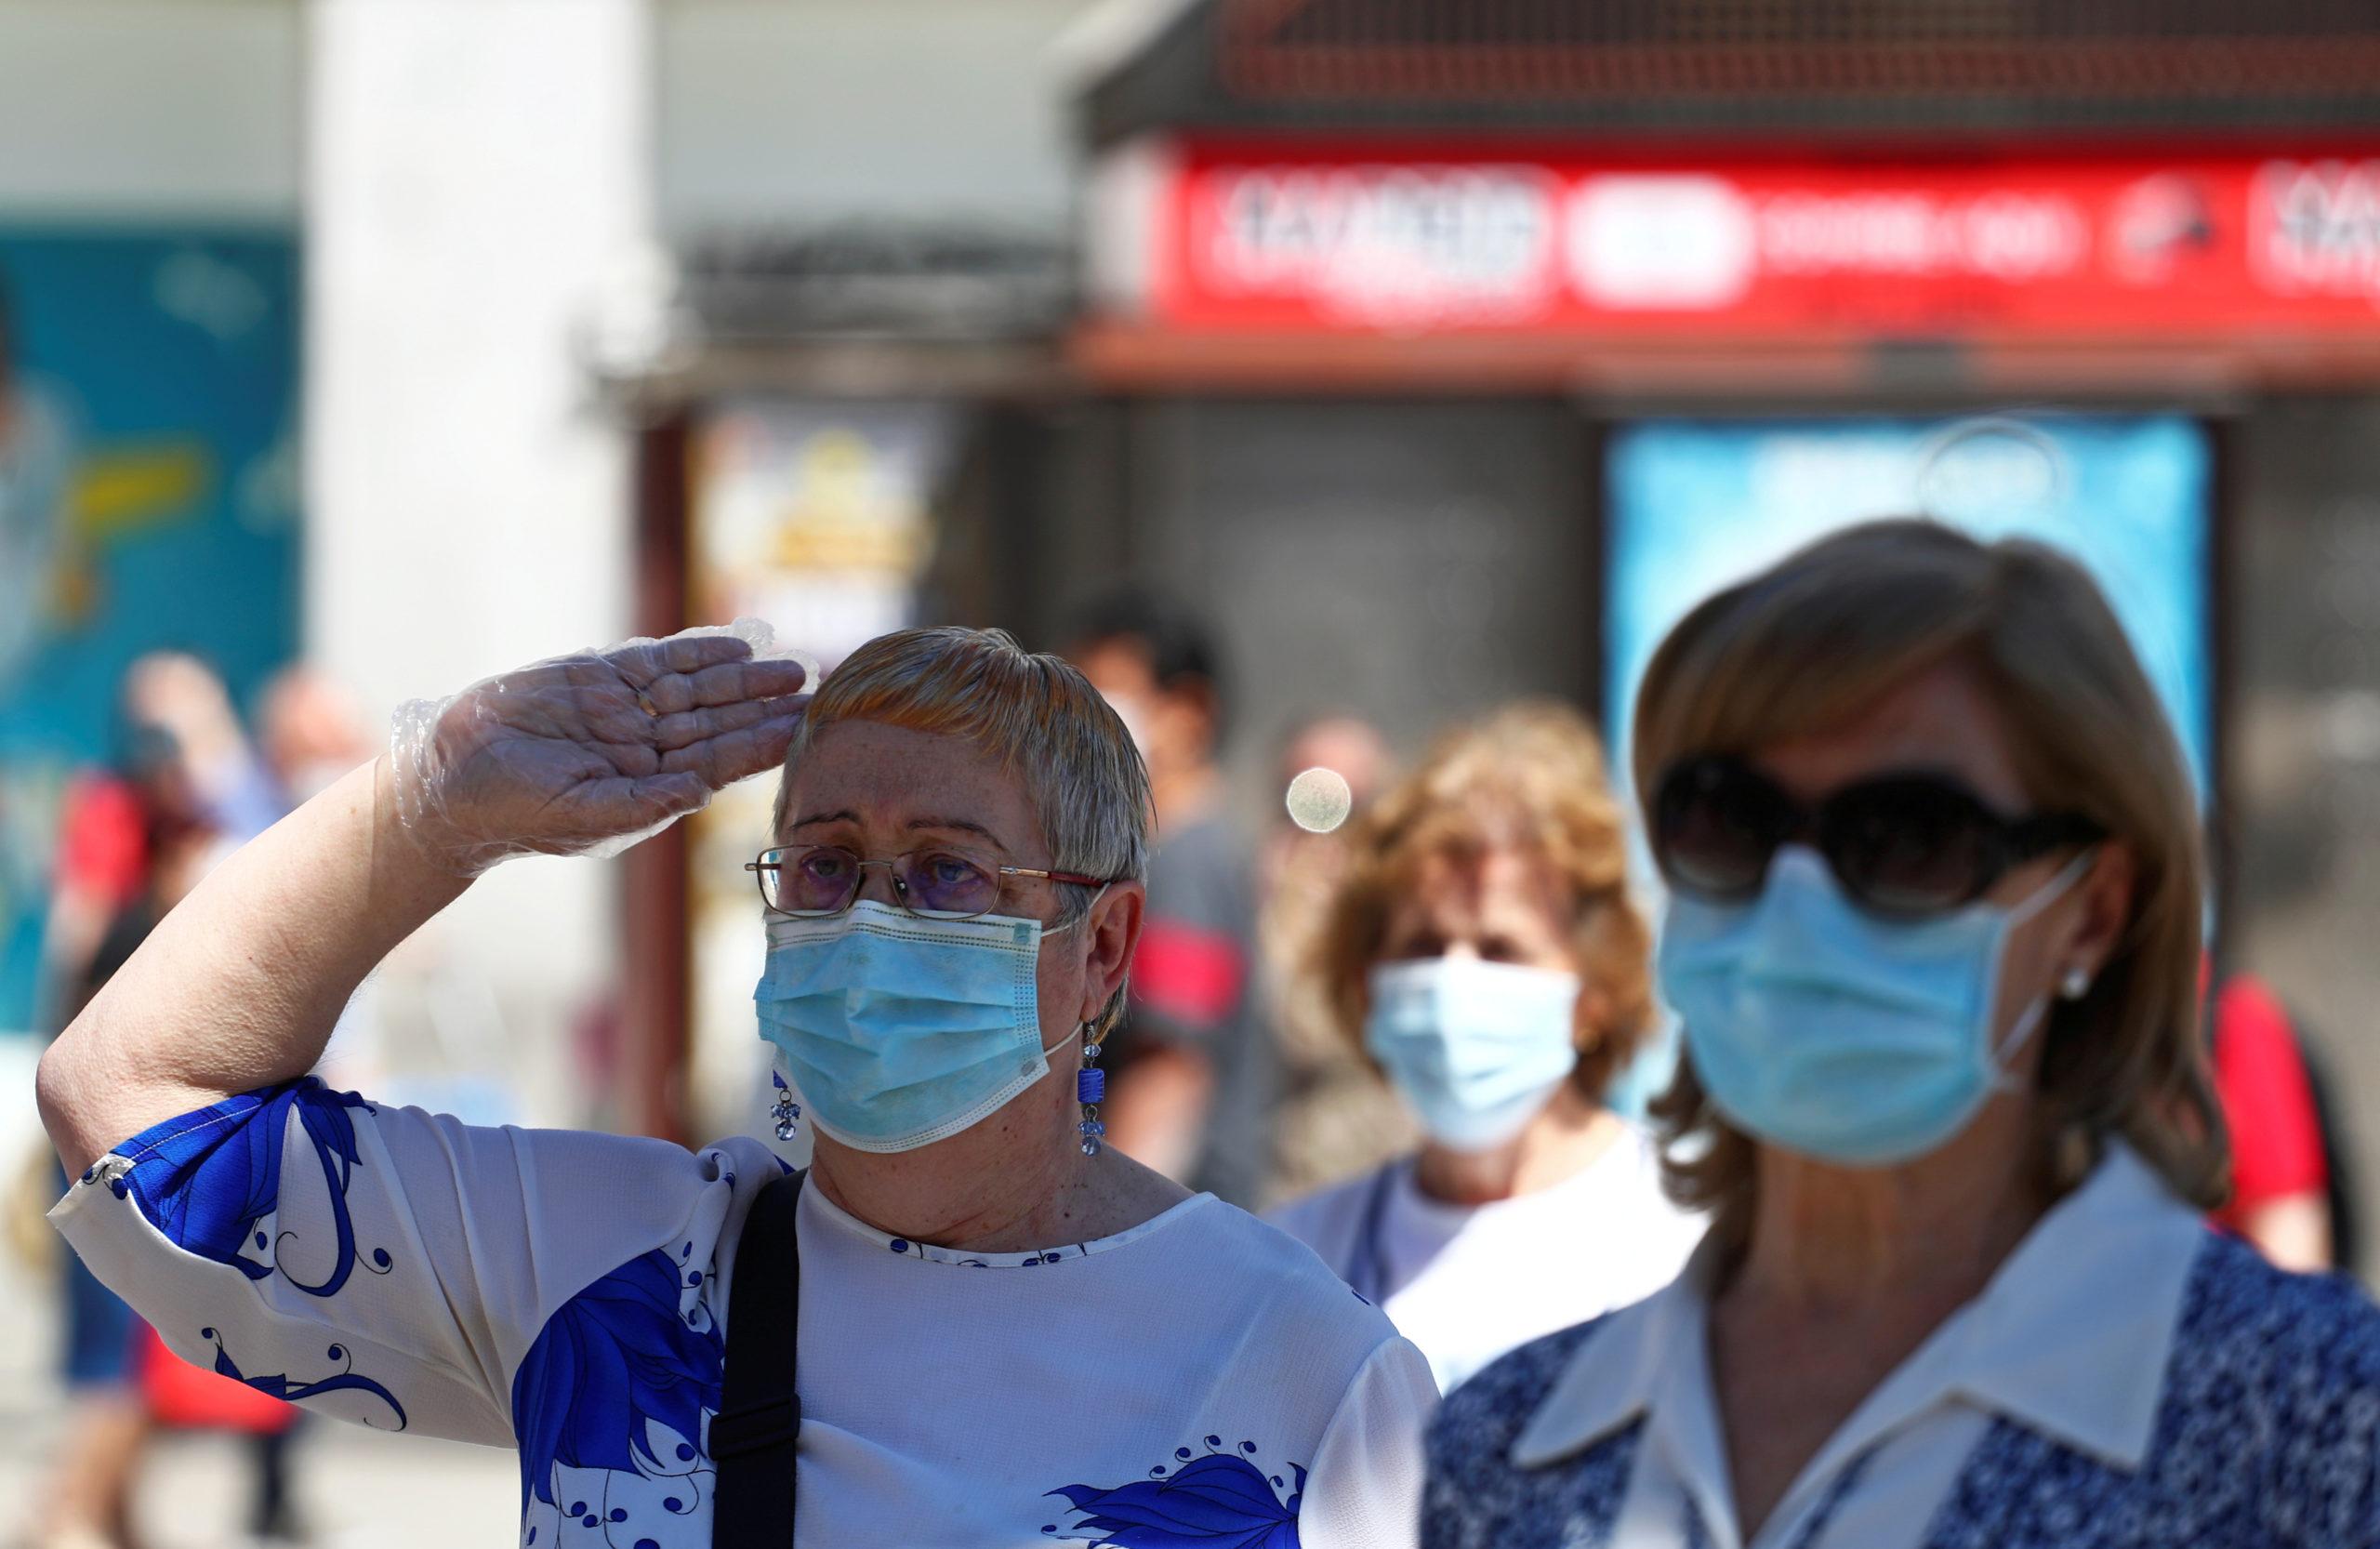 CORONAVIRUS: L'OMS RECOMMANDE DÉSORMAIS LE PORT DU MASQUE DANS L'ESPACE PUBLIC